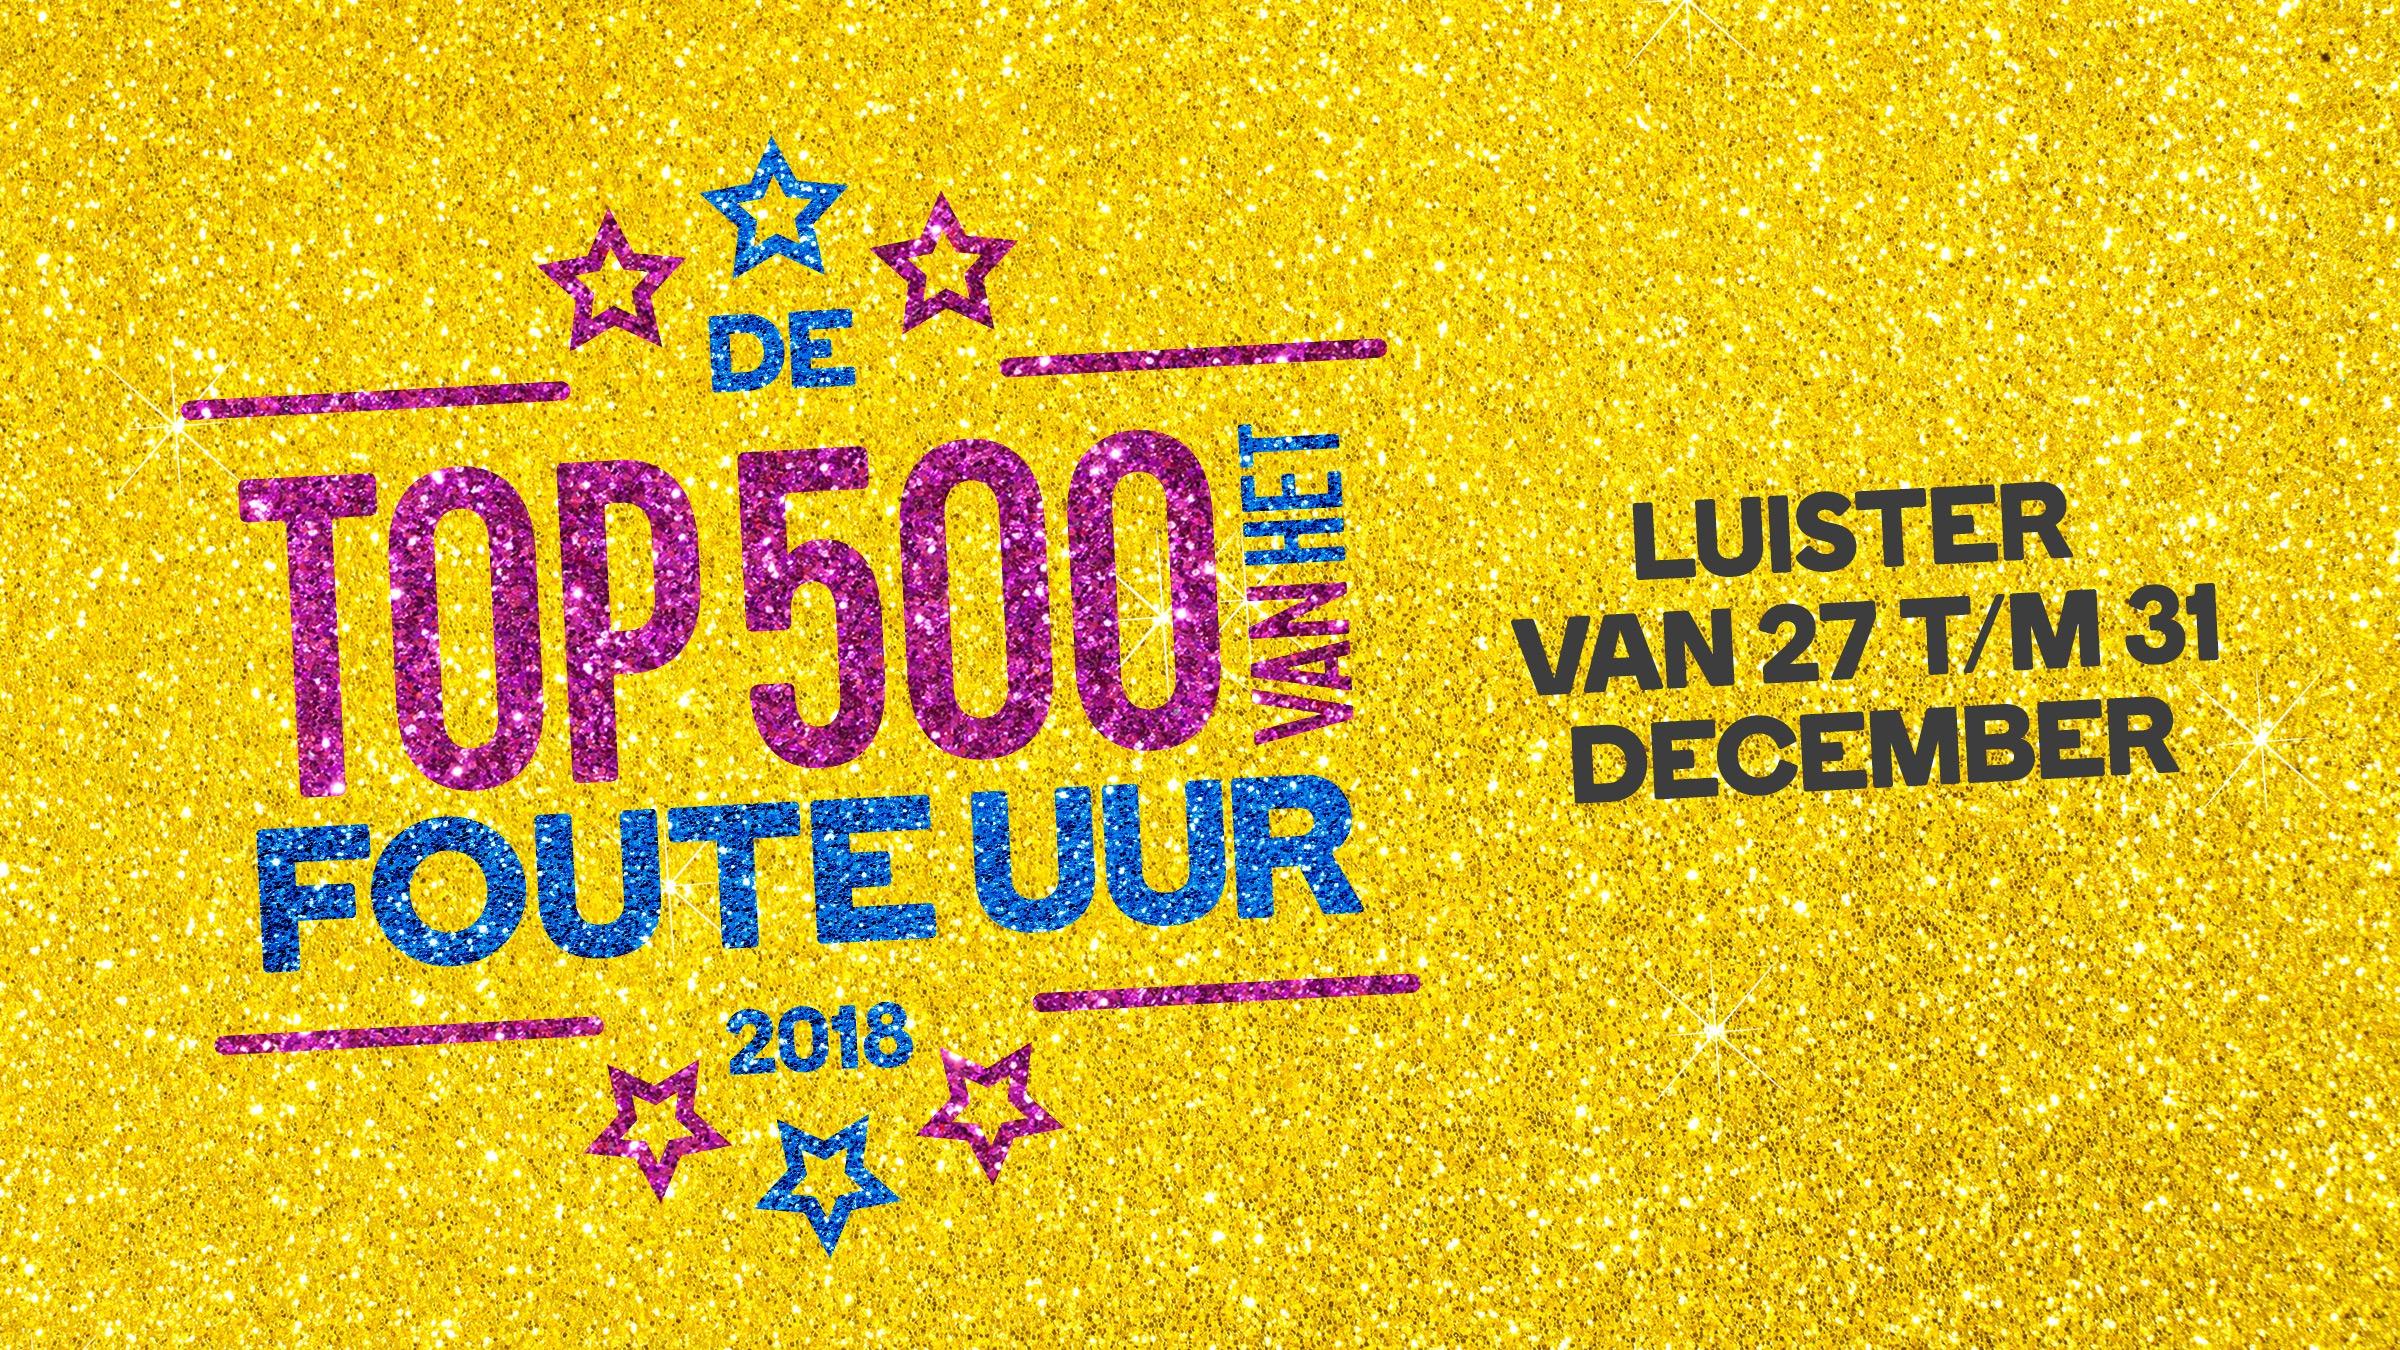 Qmusic teaser top500fout 2018 dec